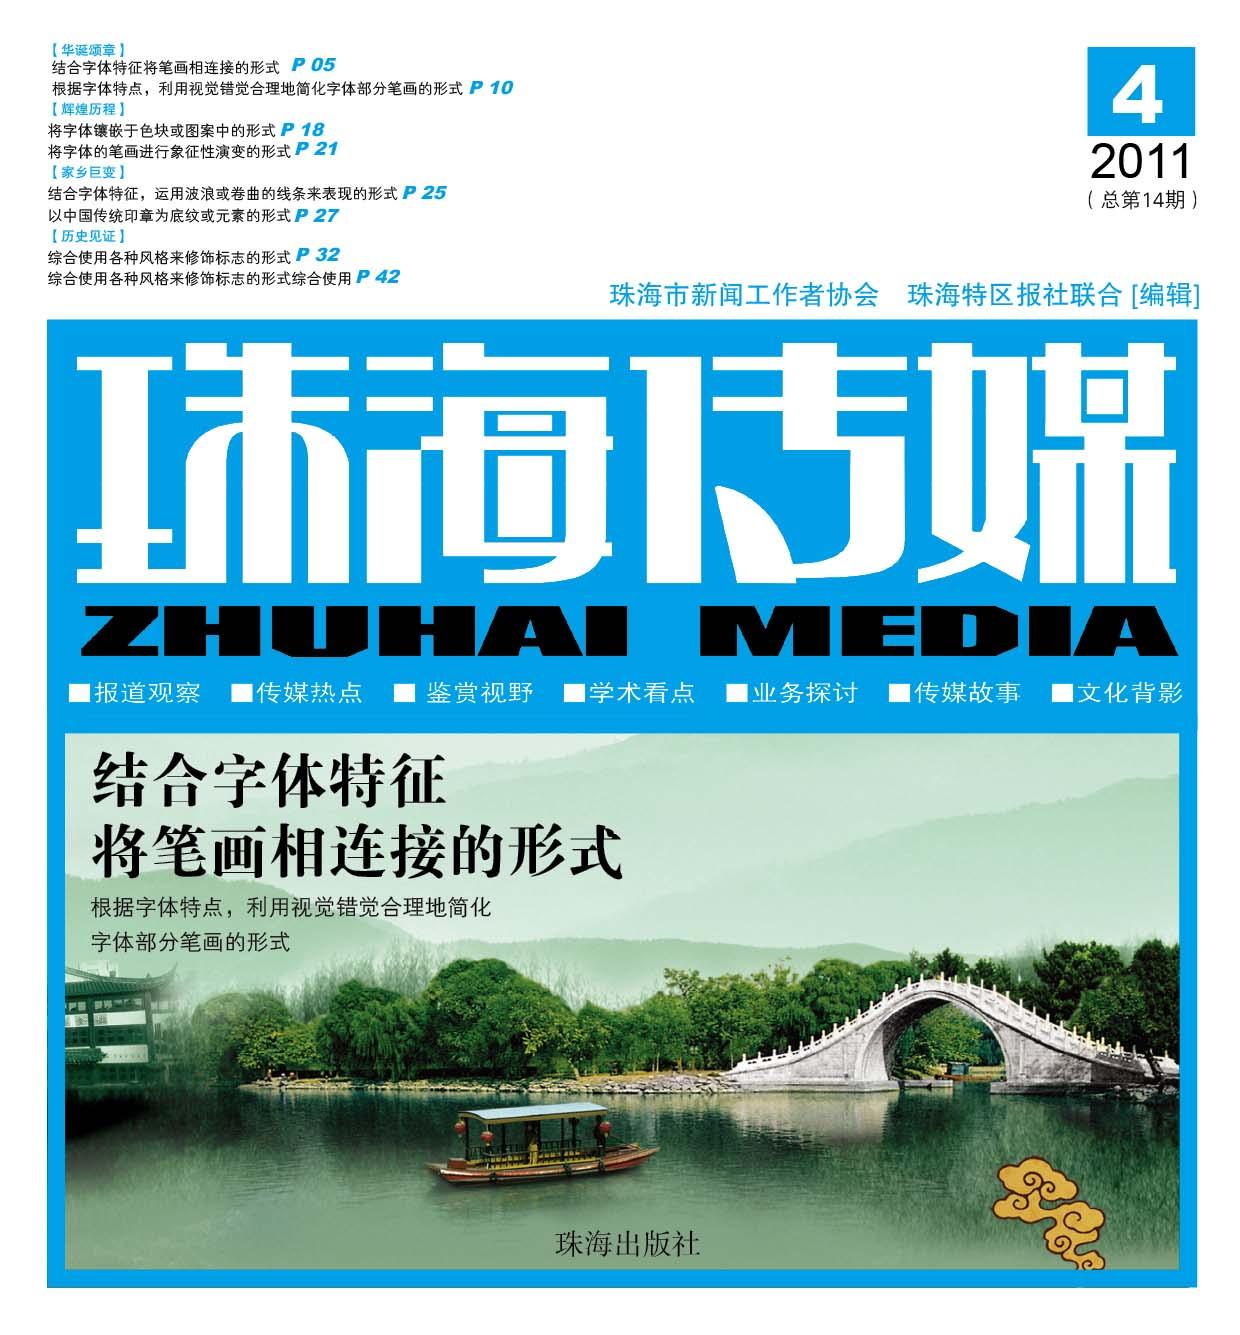 请为《珠海传媒》杂志设计封面 封底